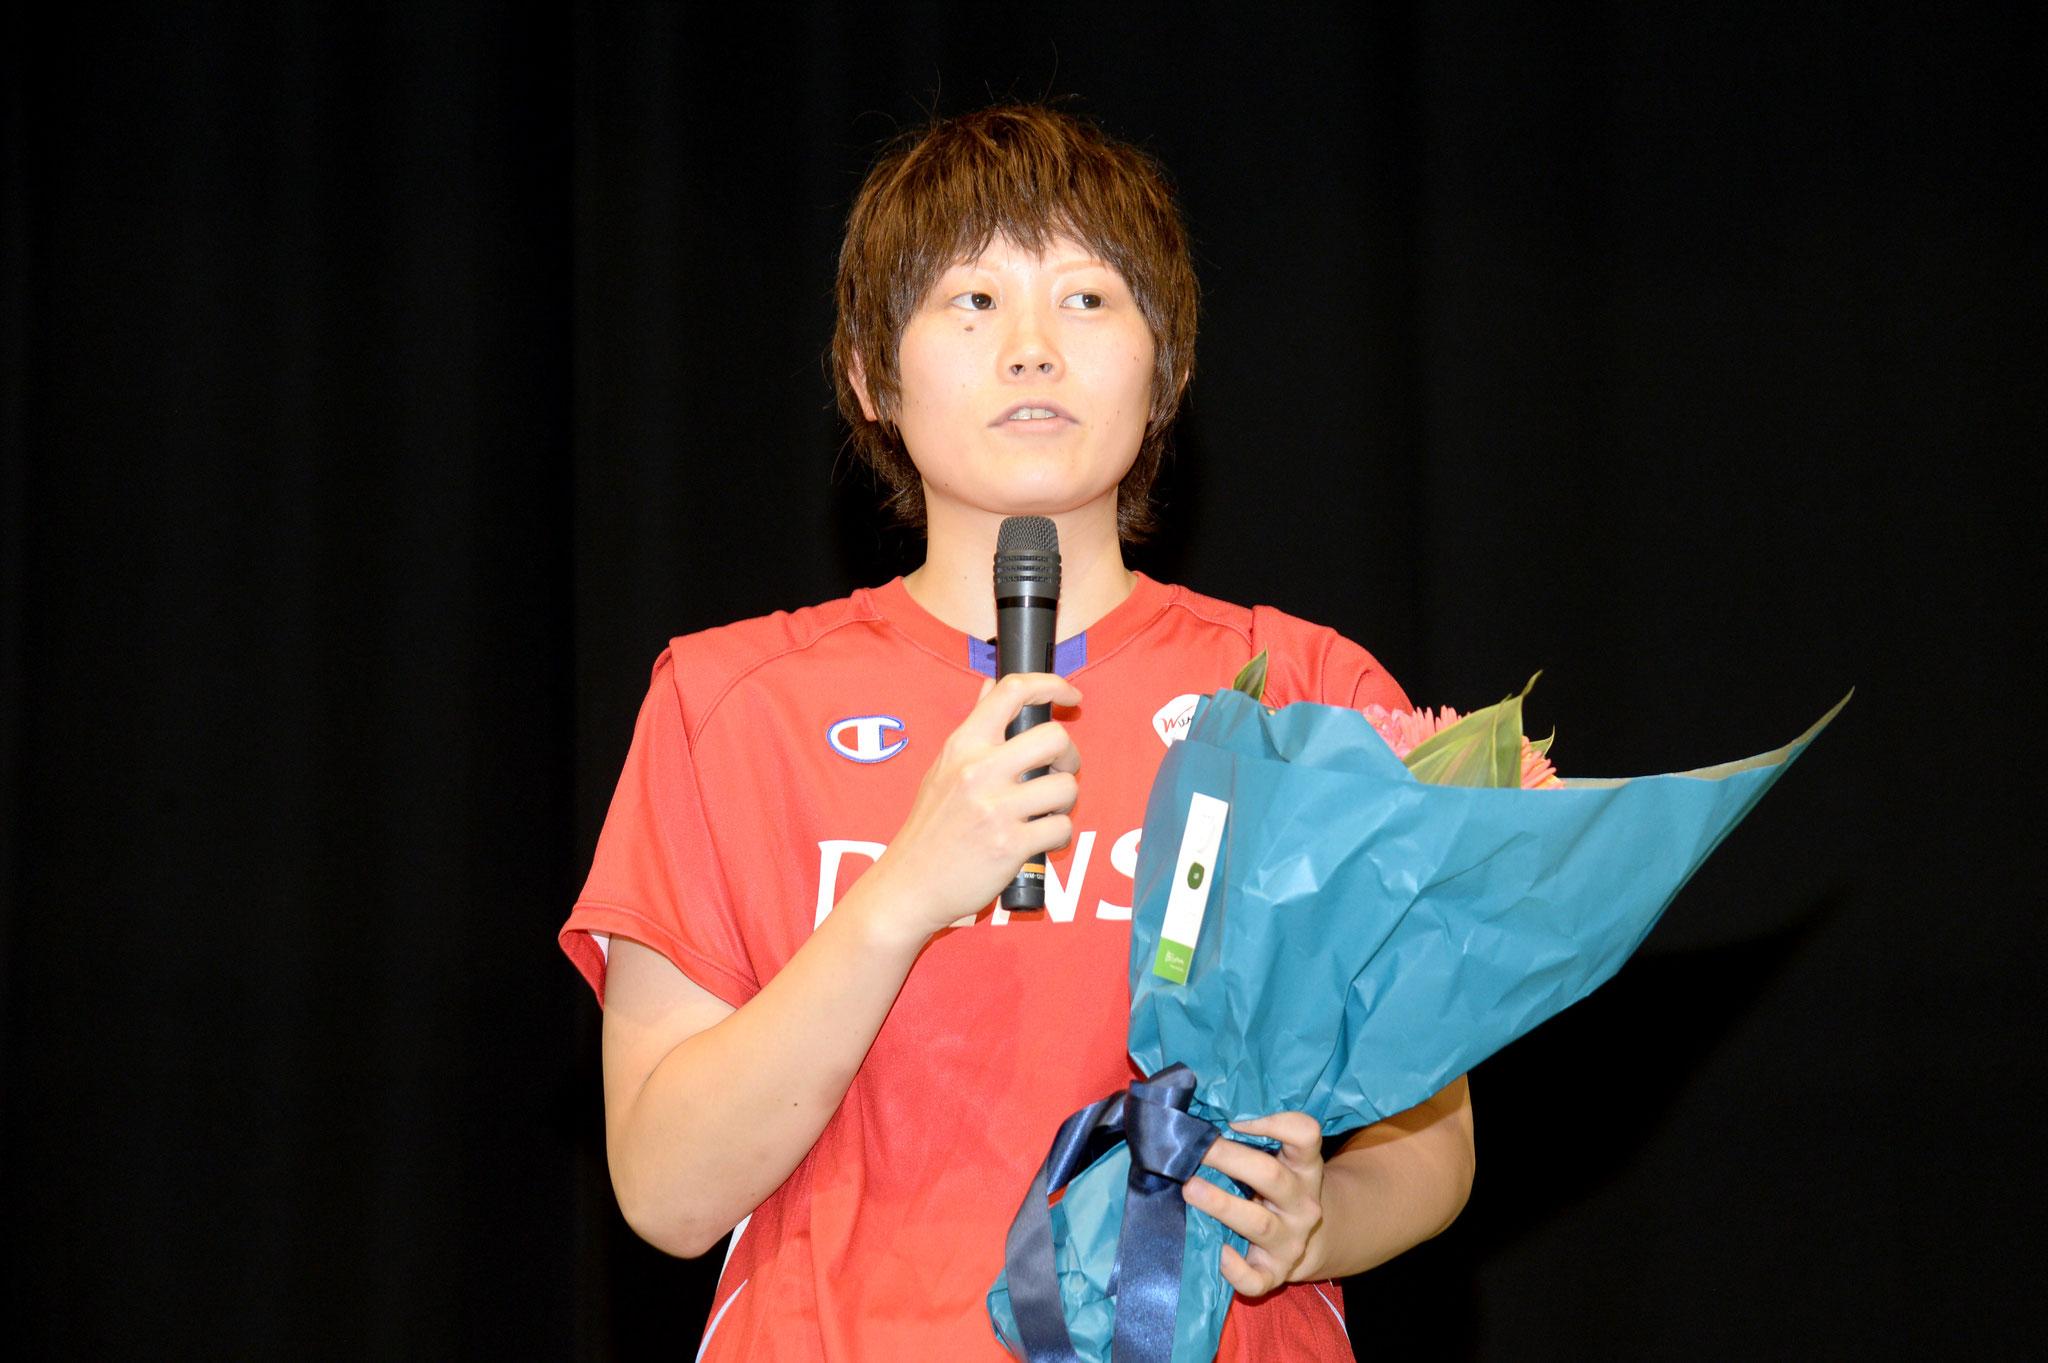 オリンピックの御礼挨拶、キャプテンとして決意表明(高田真希選手)